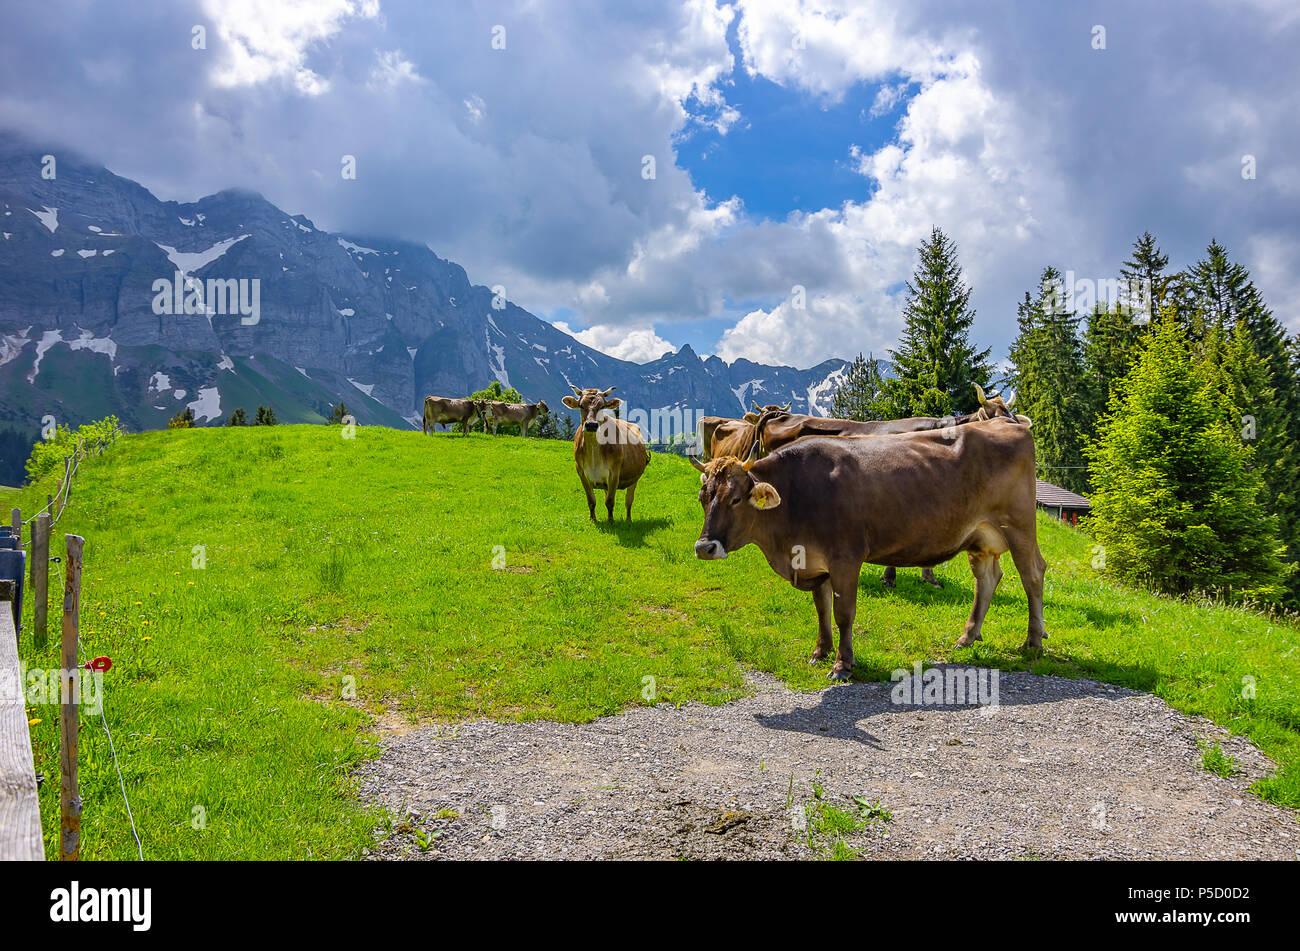 Kühe auf der Weide auf einer Bergwiese in den Schweizer Alpen in der Nähe von Urnäsch und Schwägalp, Kanton Appenzell Ausserrhoden, Schweiz. Stockfoto